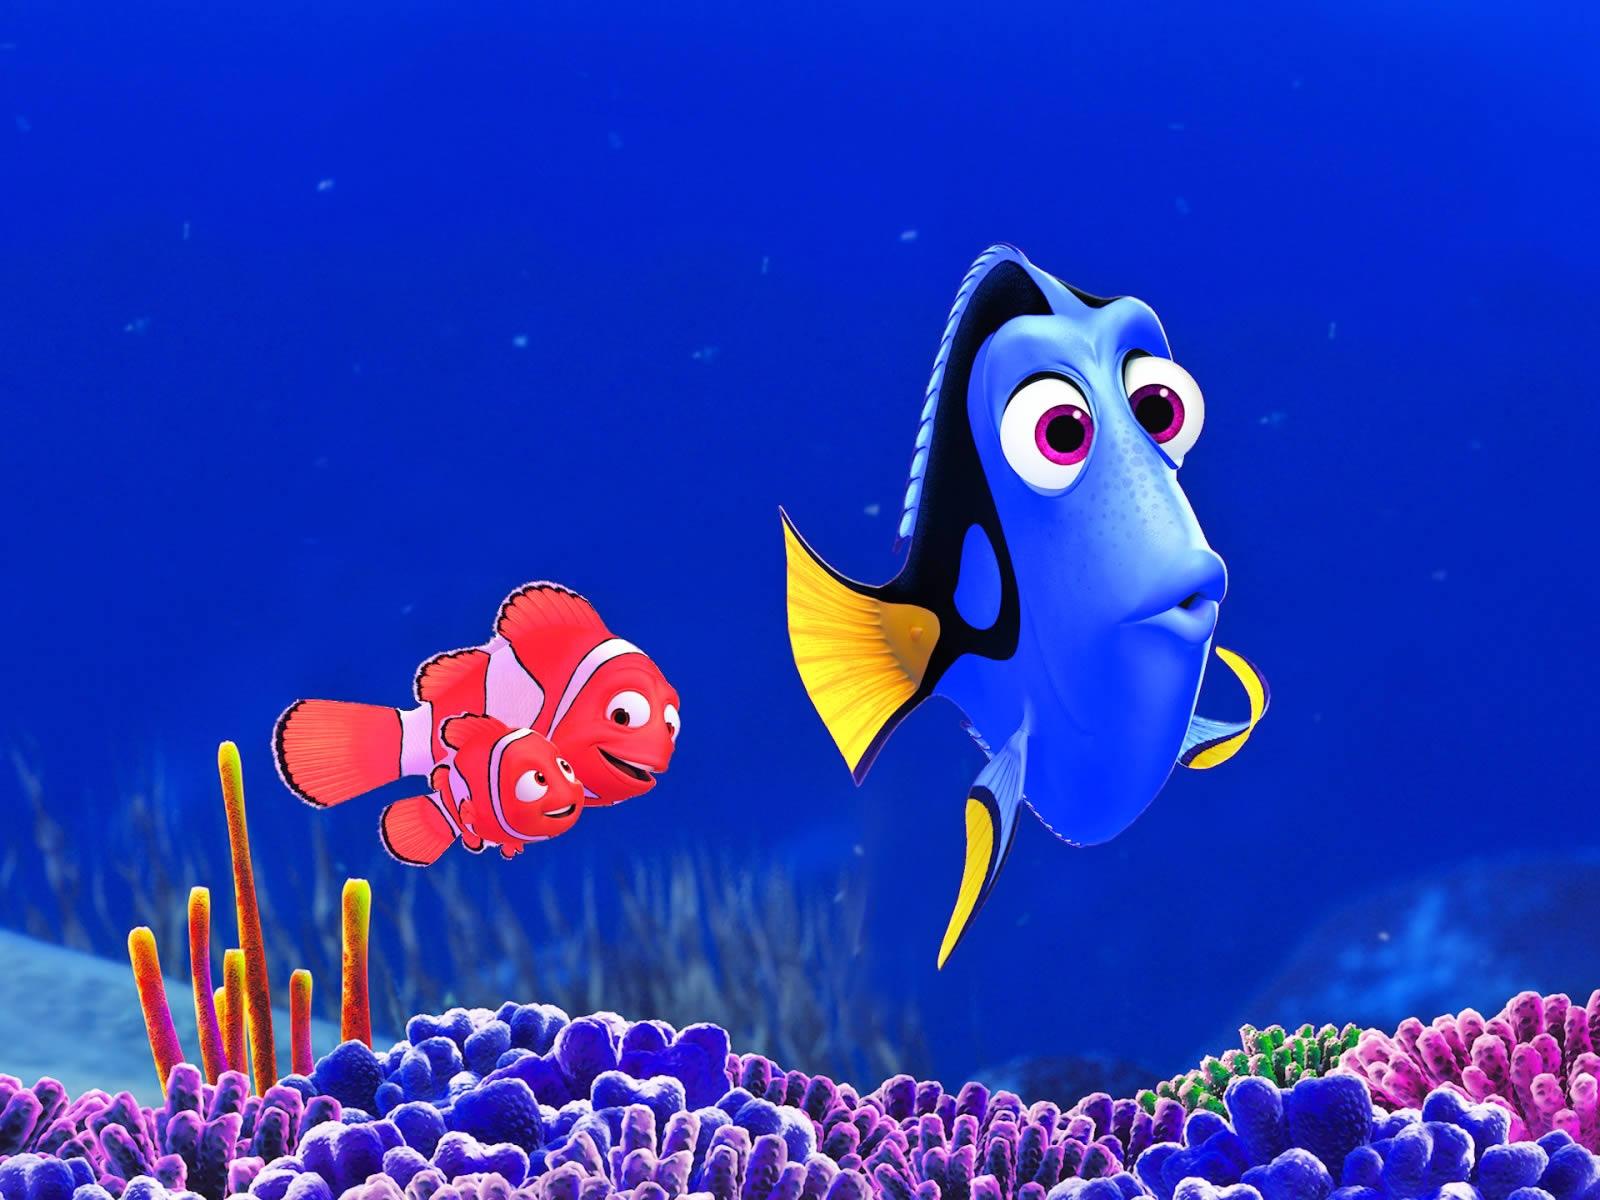 Fondos Buscando a Nemo